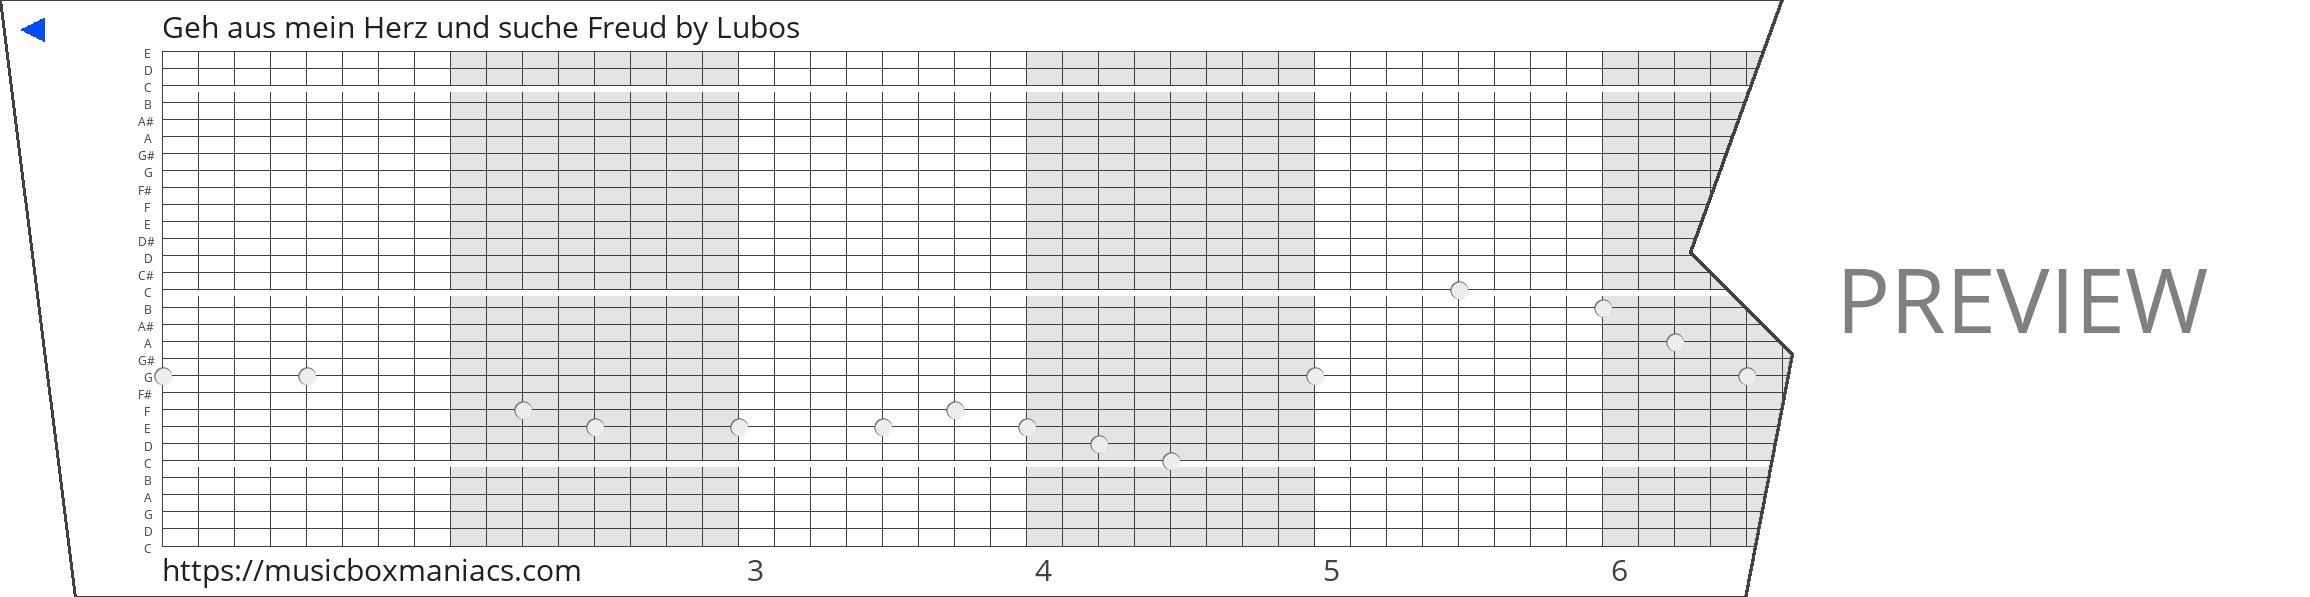 Geh aus mein Herz und suche Freud 30 note music box paper strip